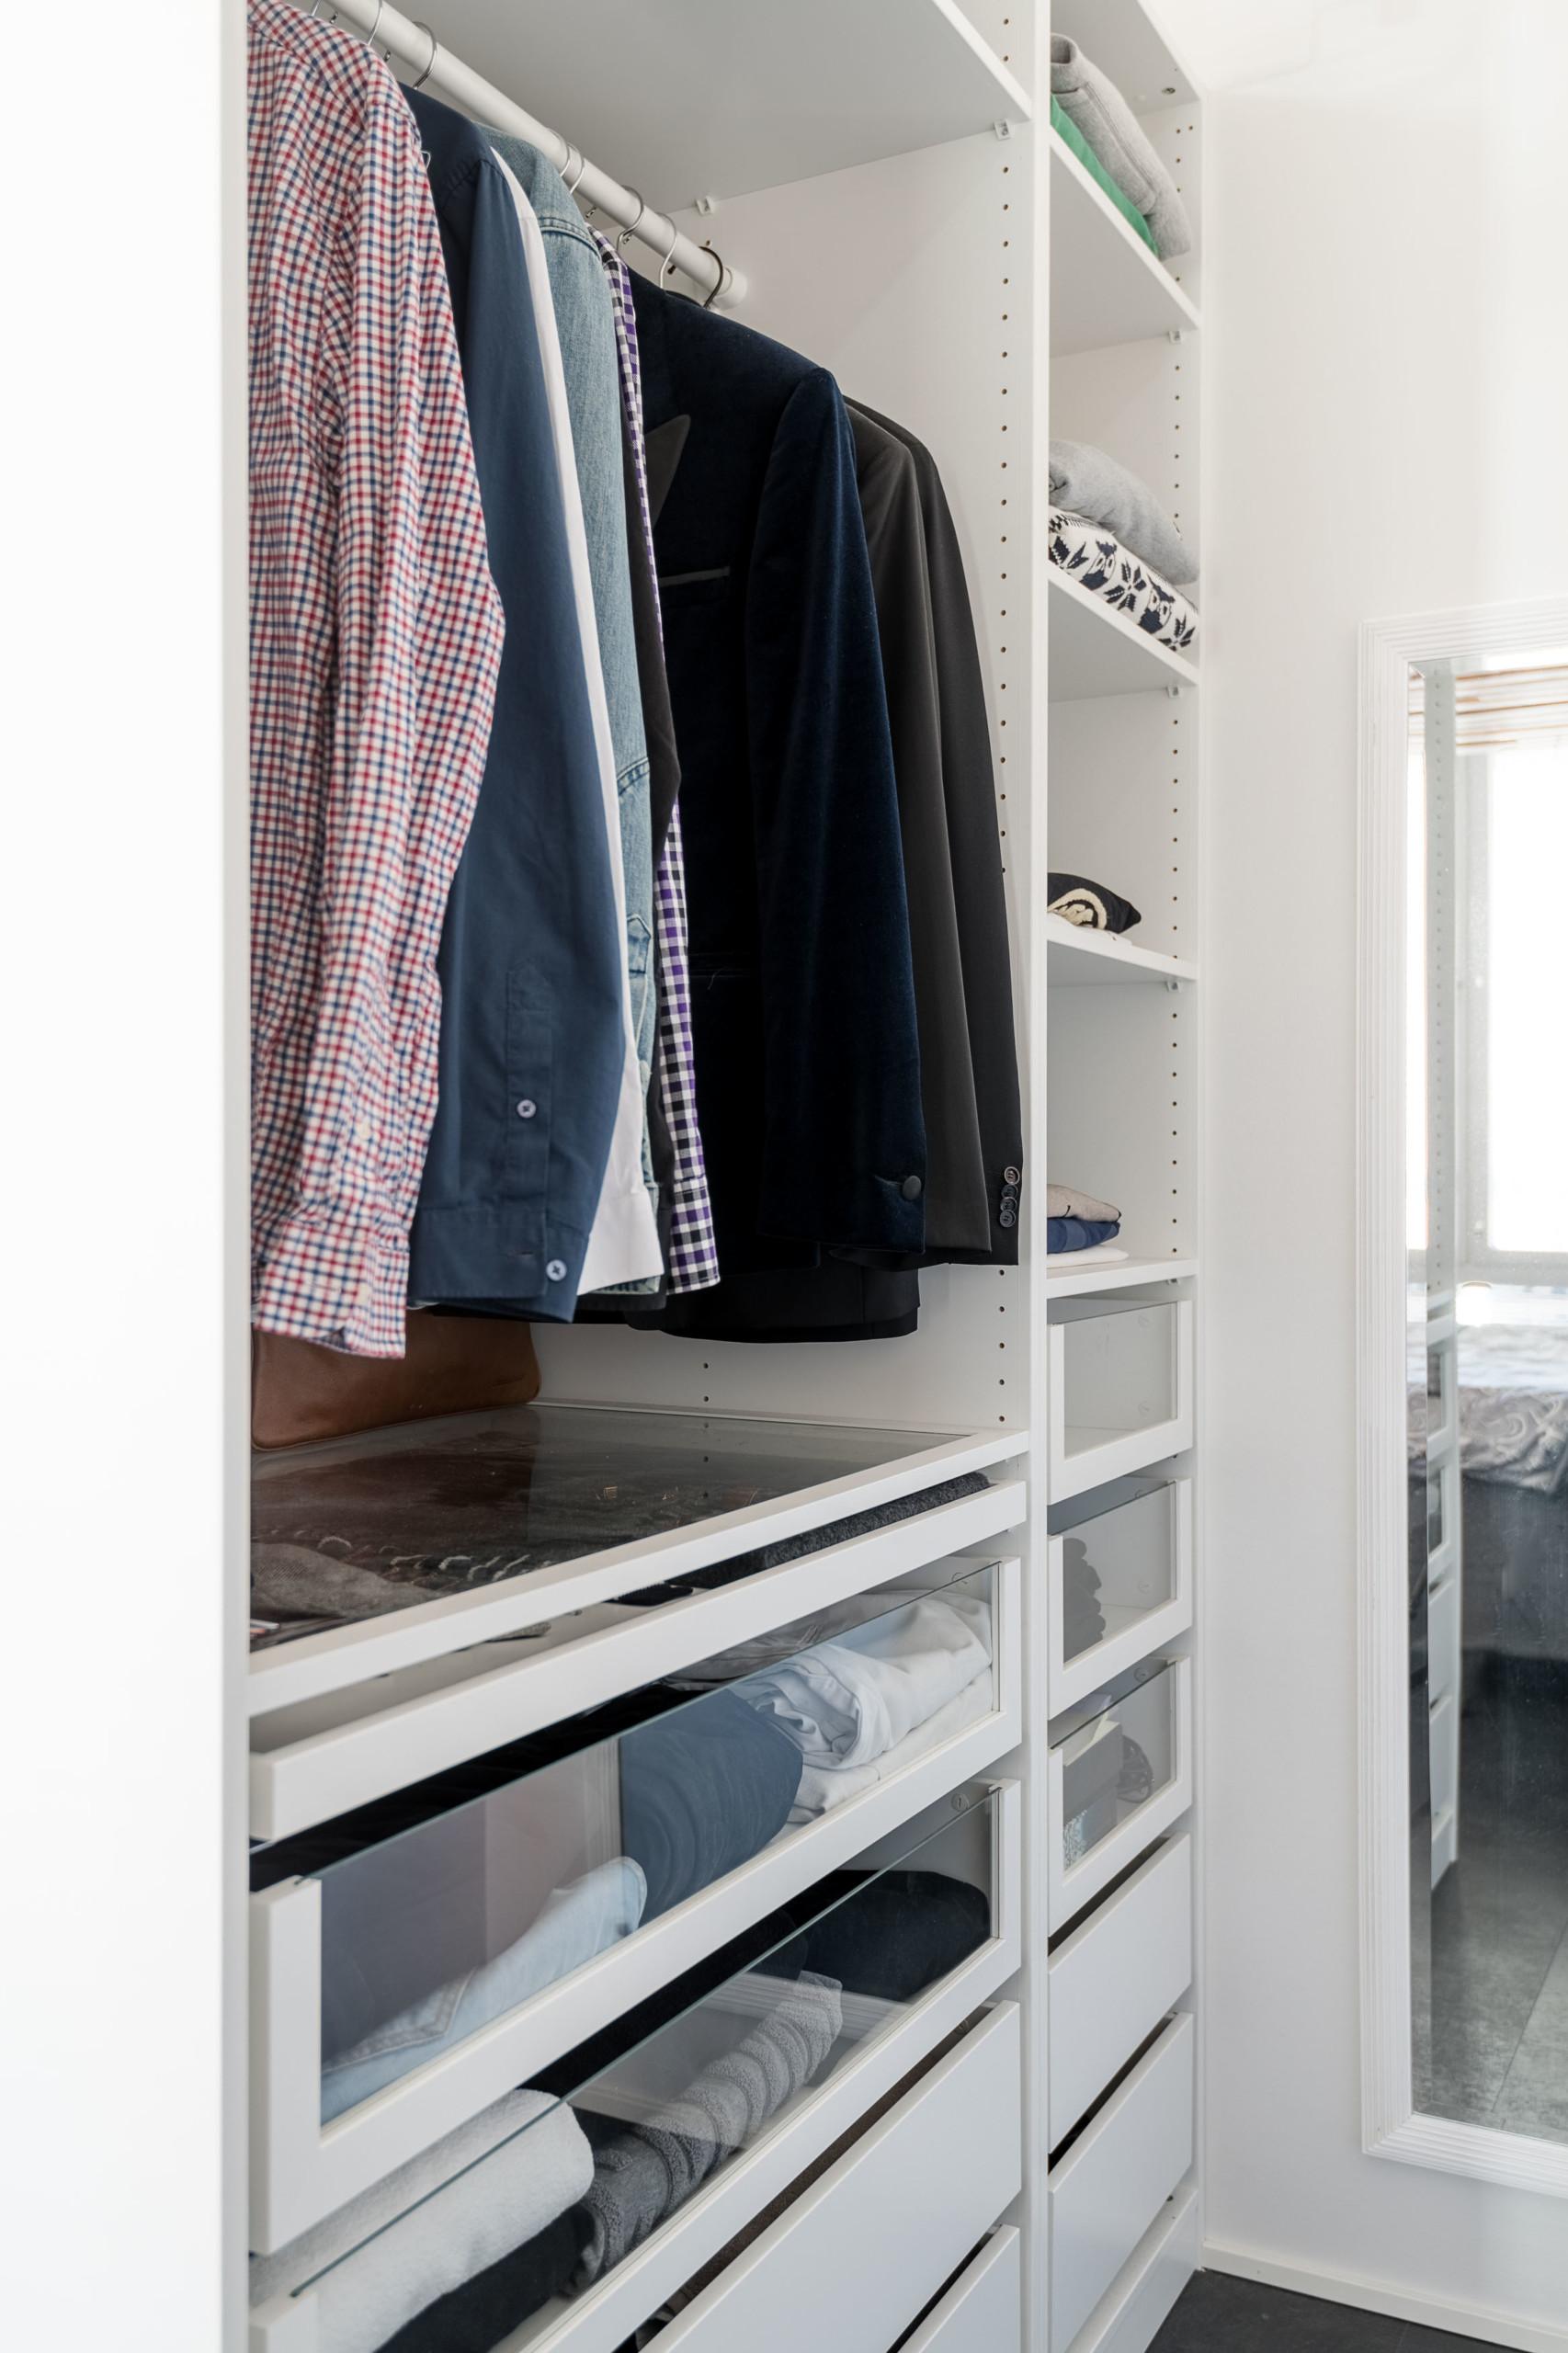 loft asunto, Ikea vaatekaapit ja pukeutumistila